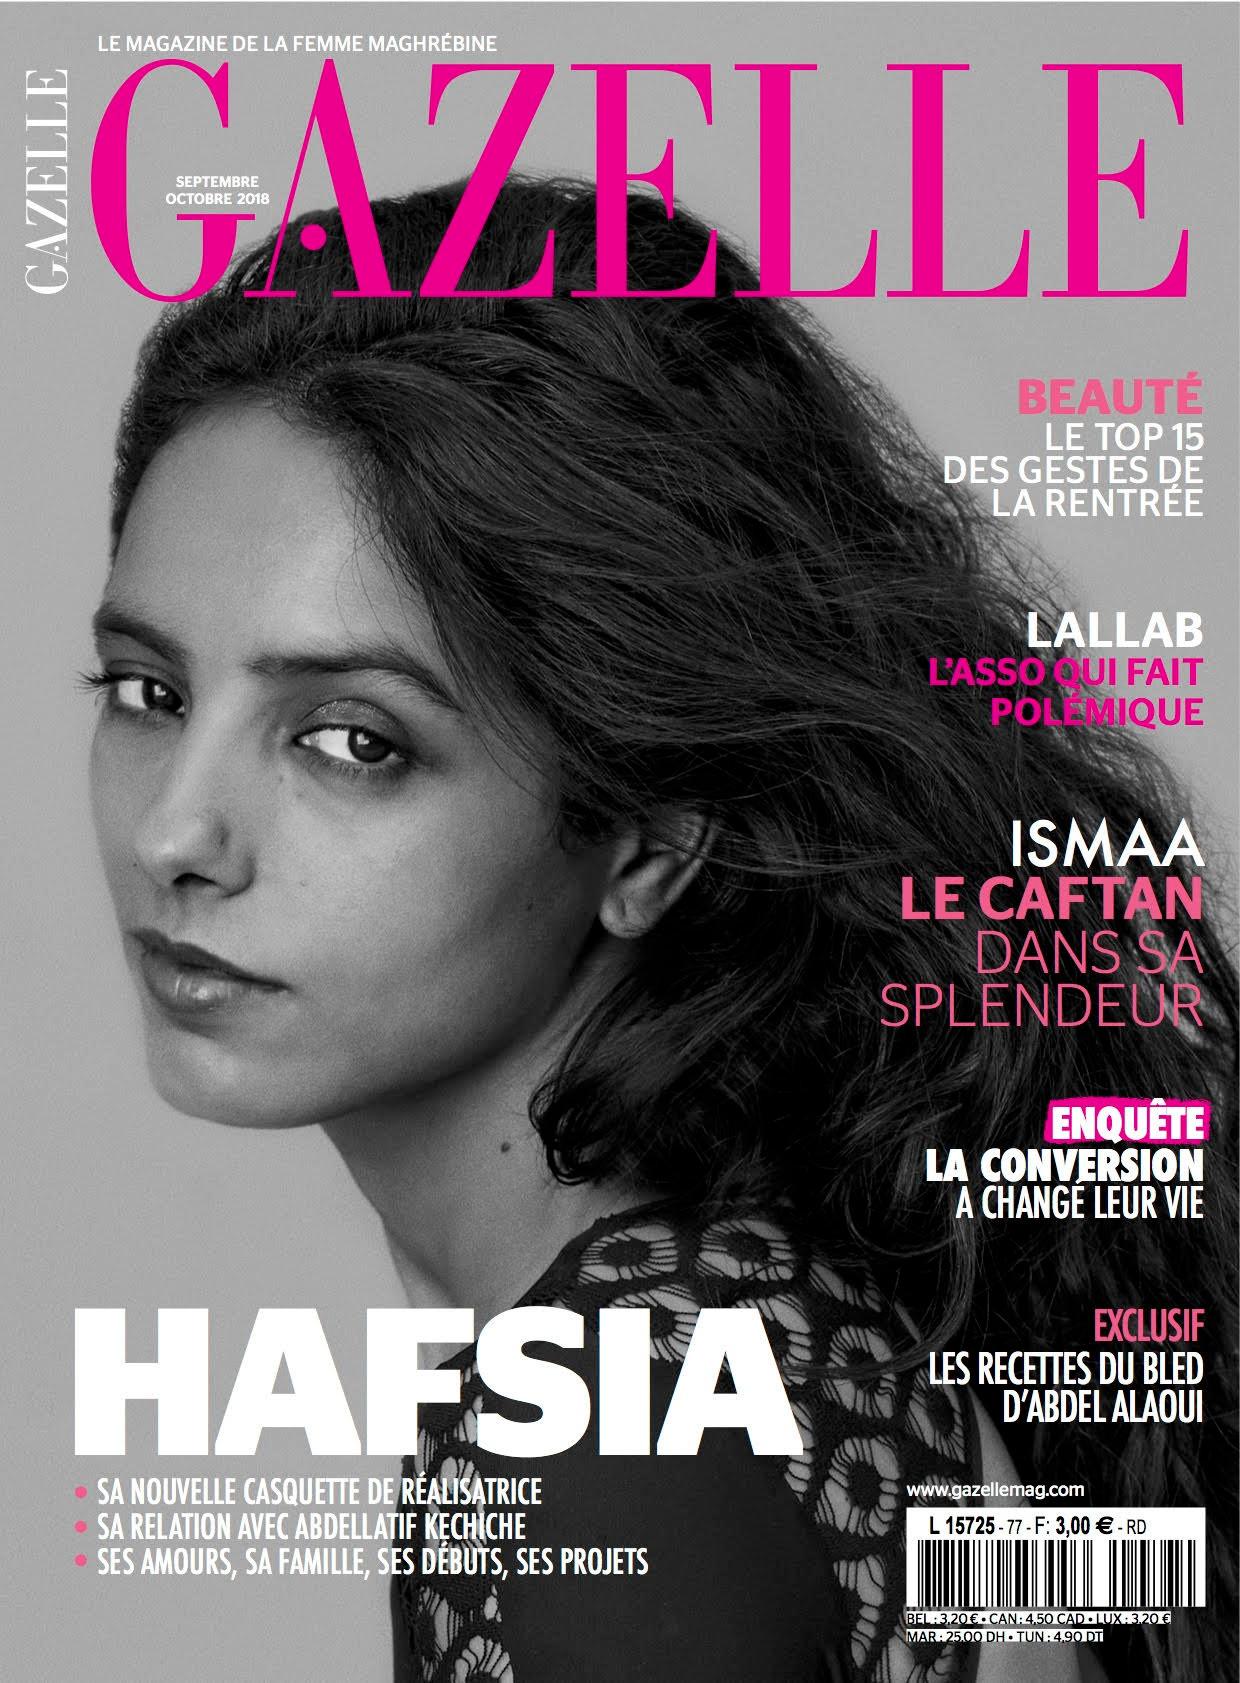 Gazelle x Hafsia Herzi